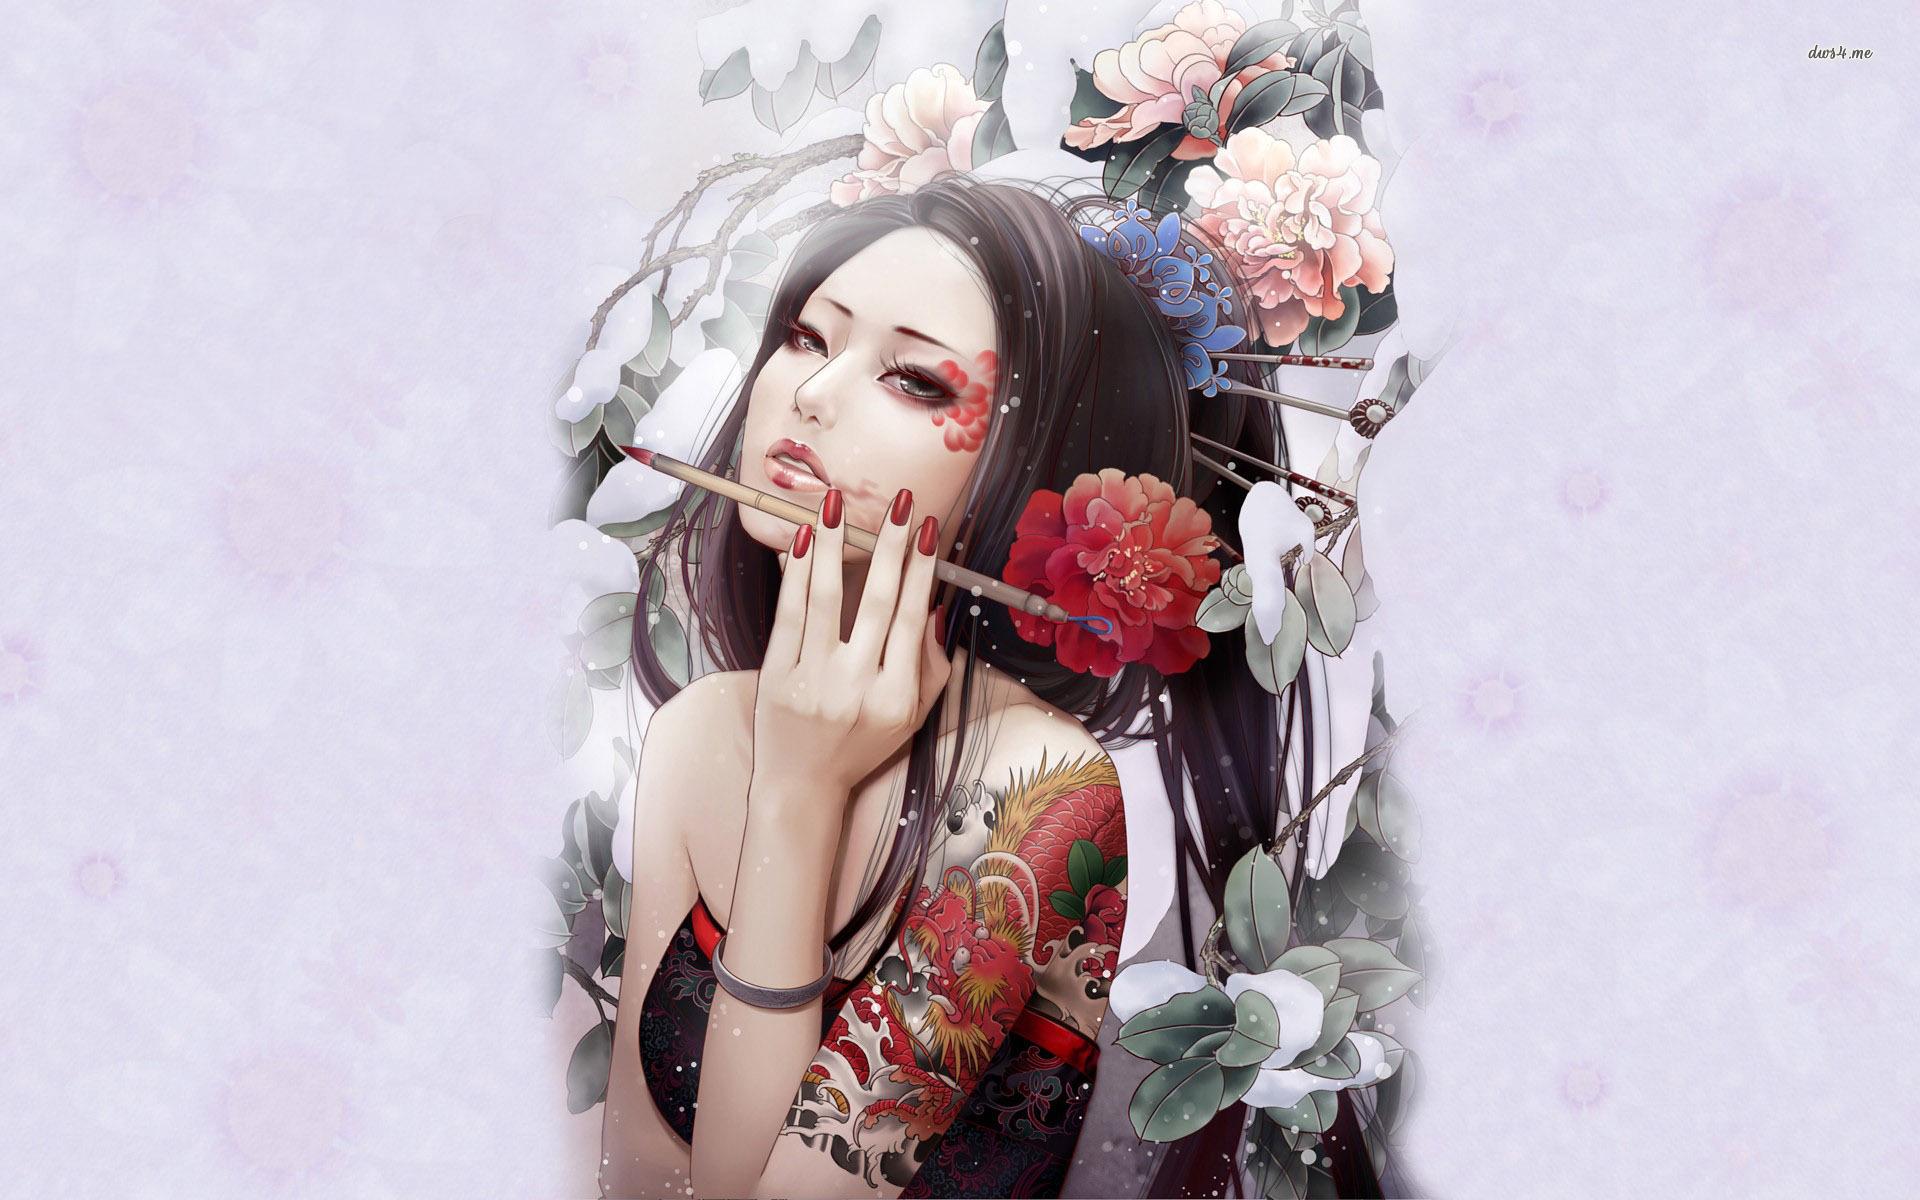 Artistic geisha wallpaper   Artistic wallpapers   17669 1920x1200